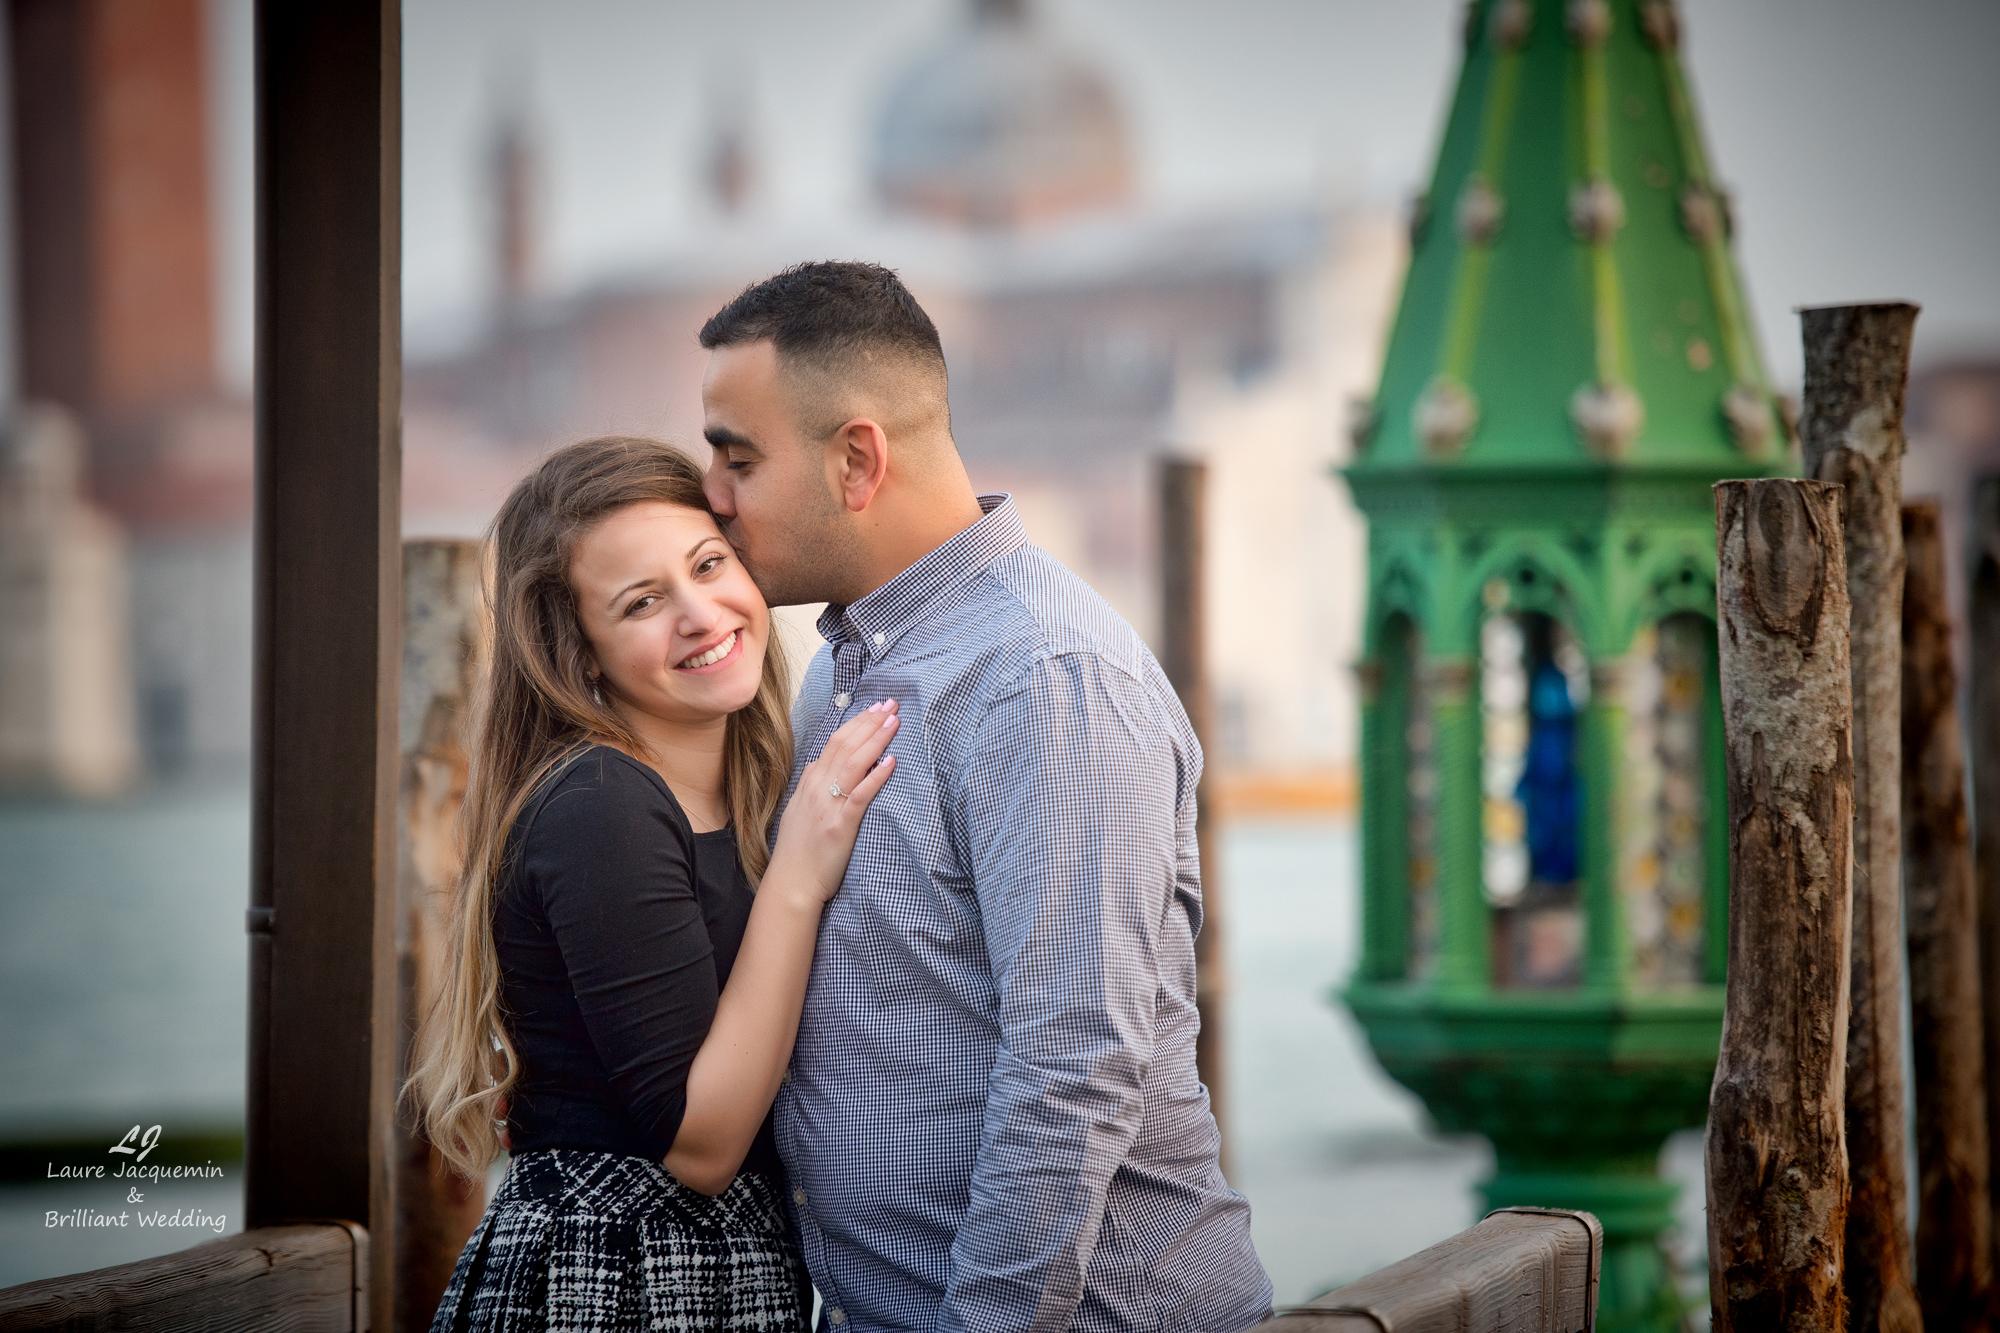 Mariage Venise Photographe fiancailles demande en mariage laure jacquemin   (21)